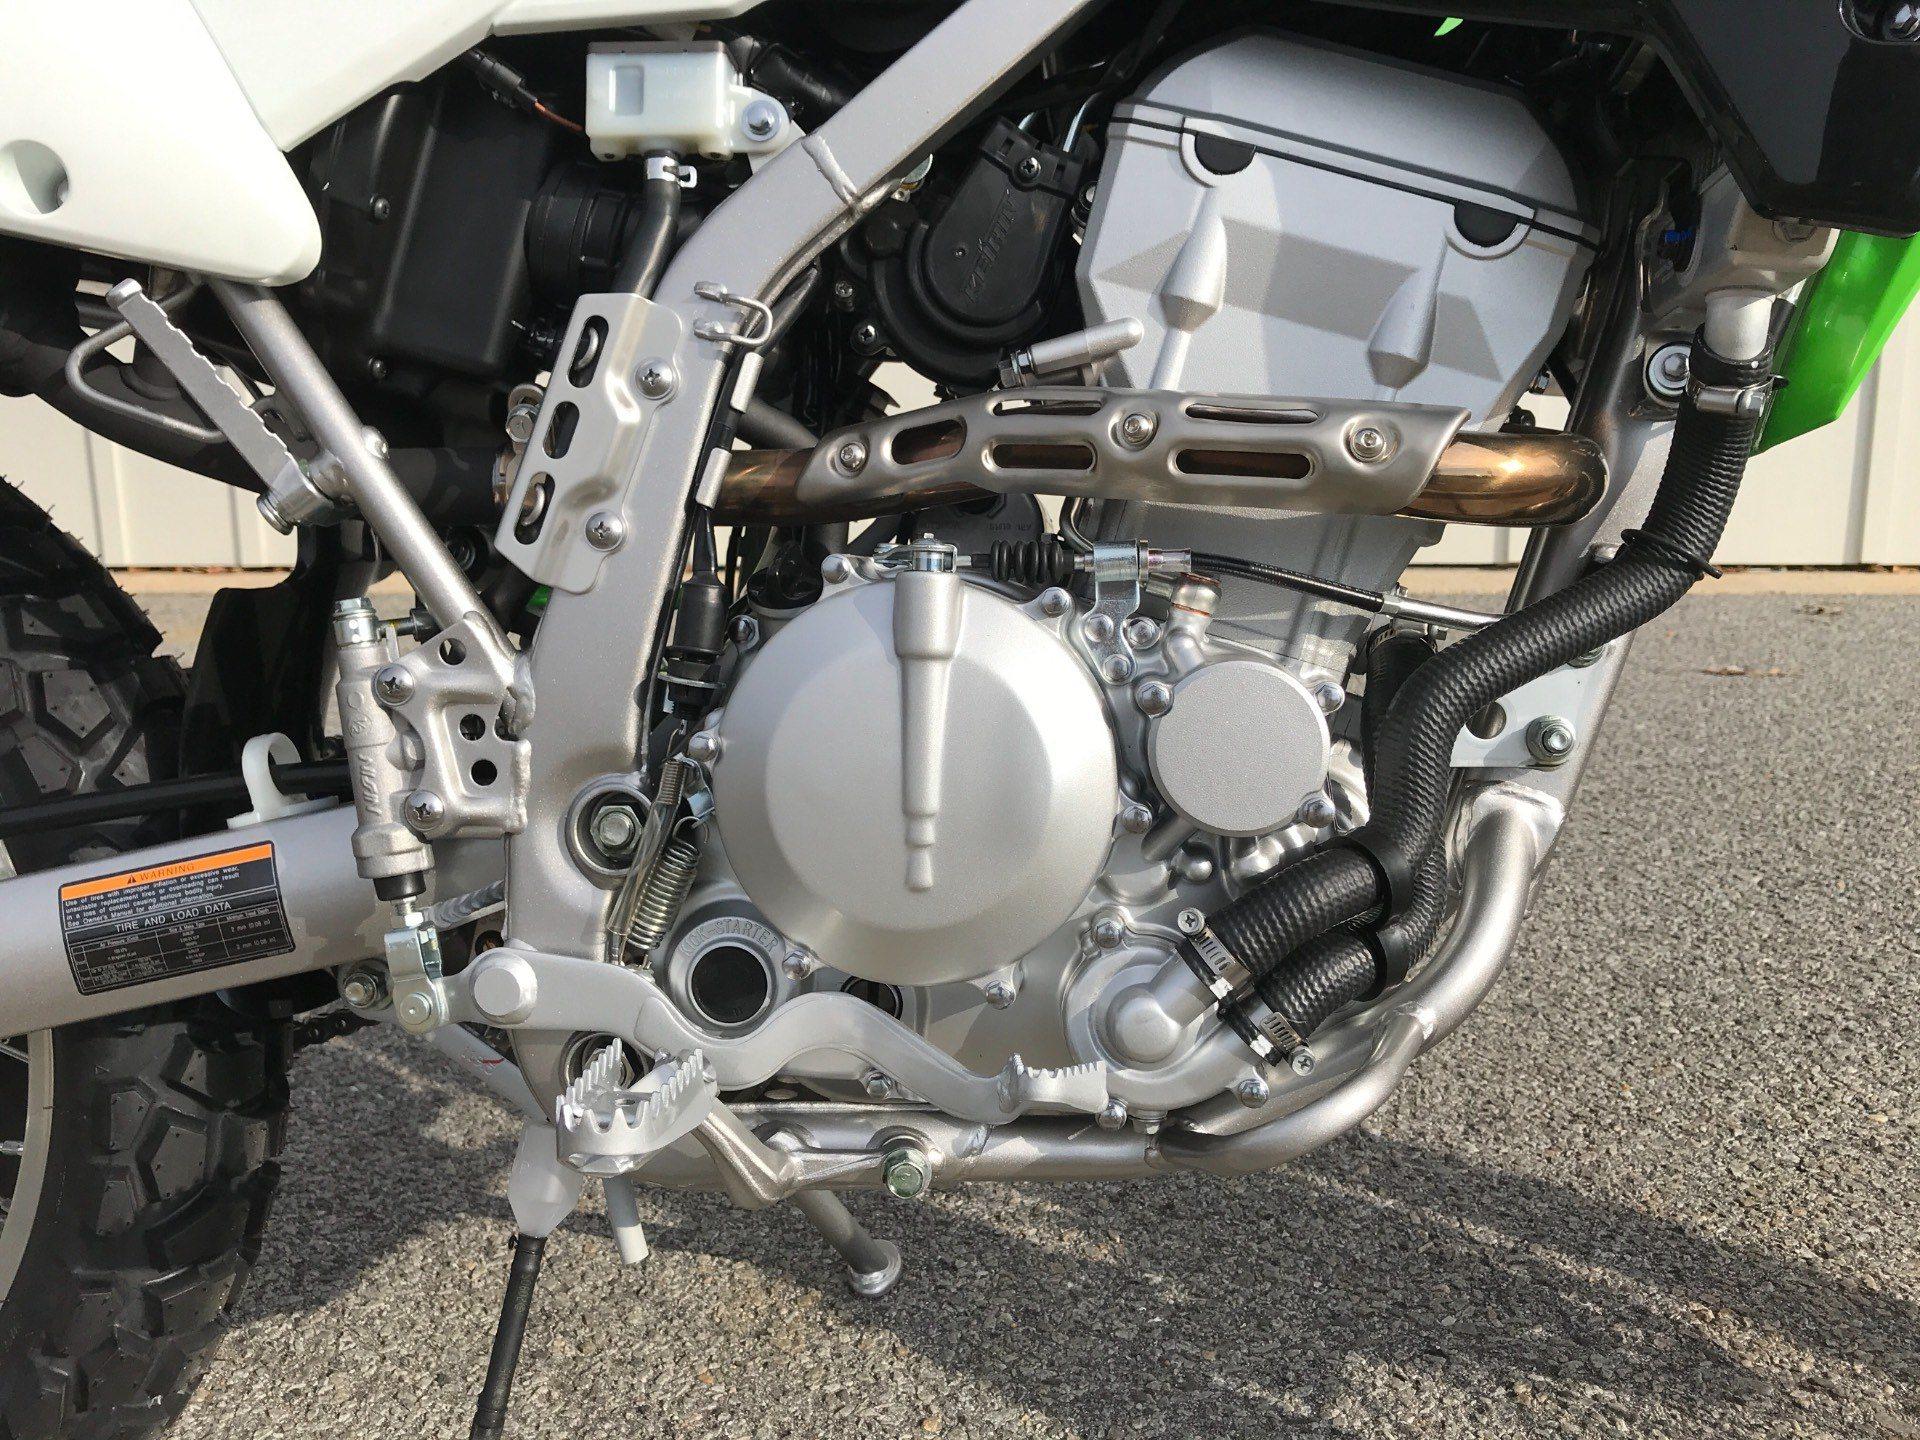 New 2018 Kawasaki Klx 250 Motorcycles In Greenville Nc Stock Wiring Harness North Carolina